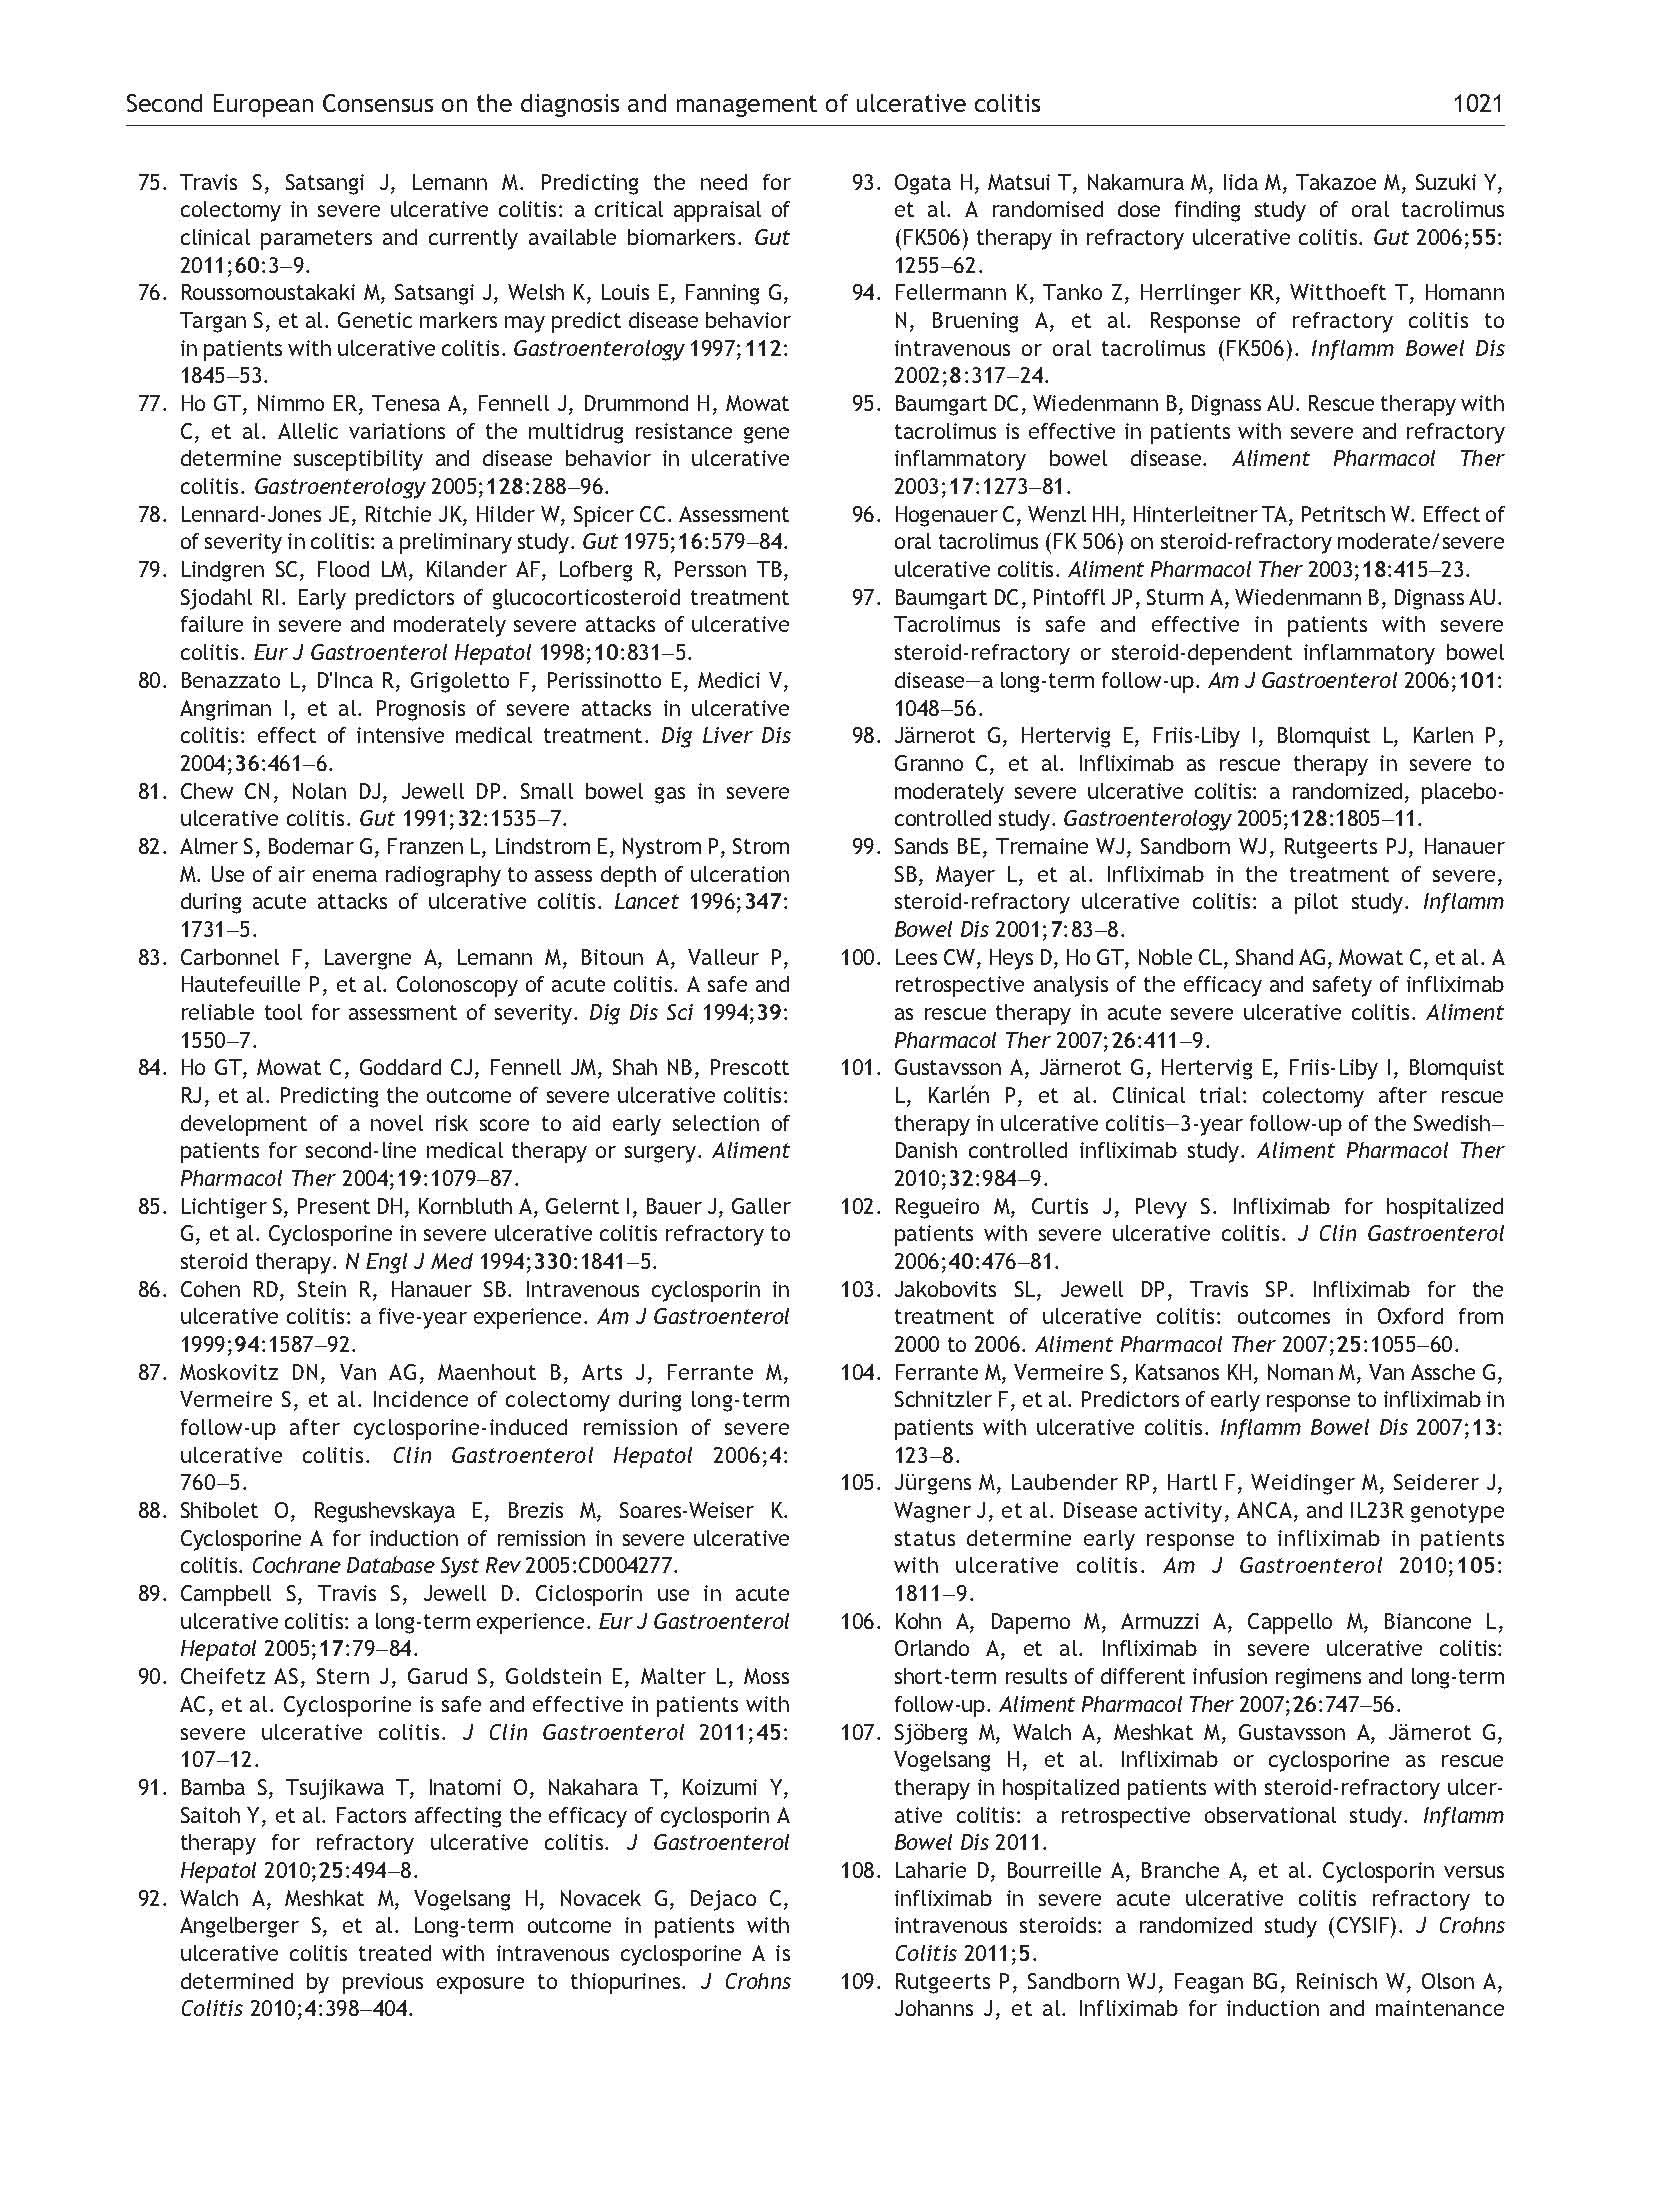 2012-ECCO第二版-欧洲询证共识:溃疡性结肠炎的诊断和处理—日常处理_页面_31.jpg